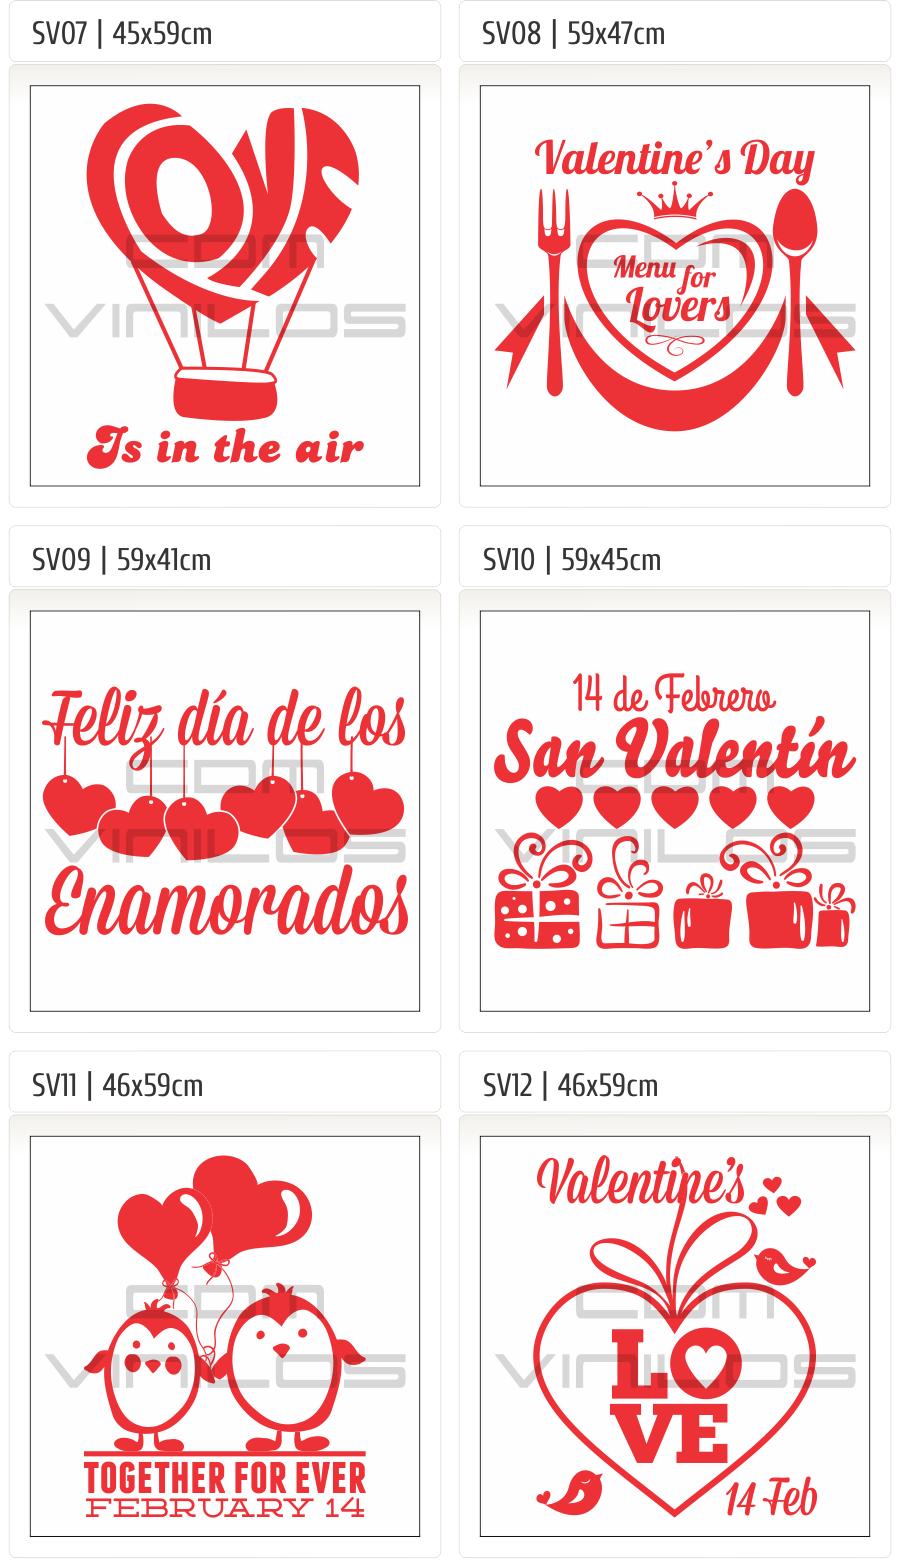 cdm-vinilos San Valentin, vinilos decorativos